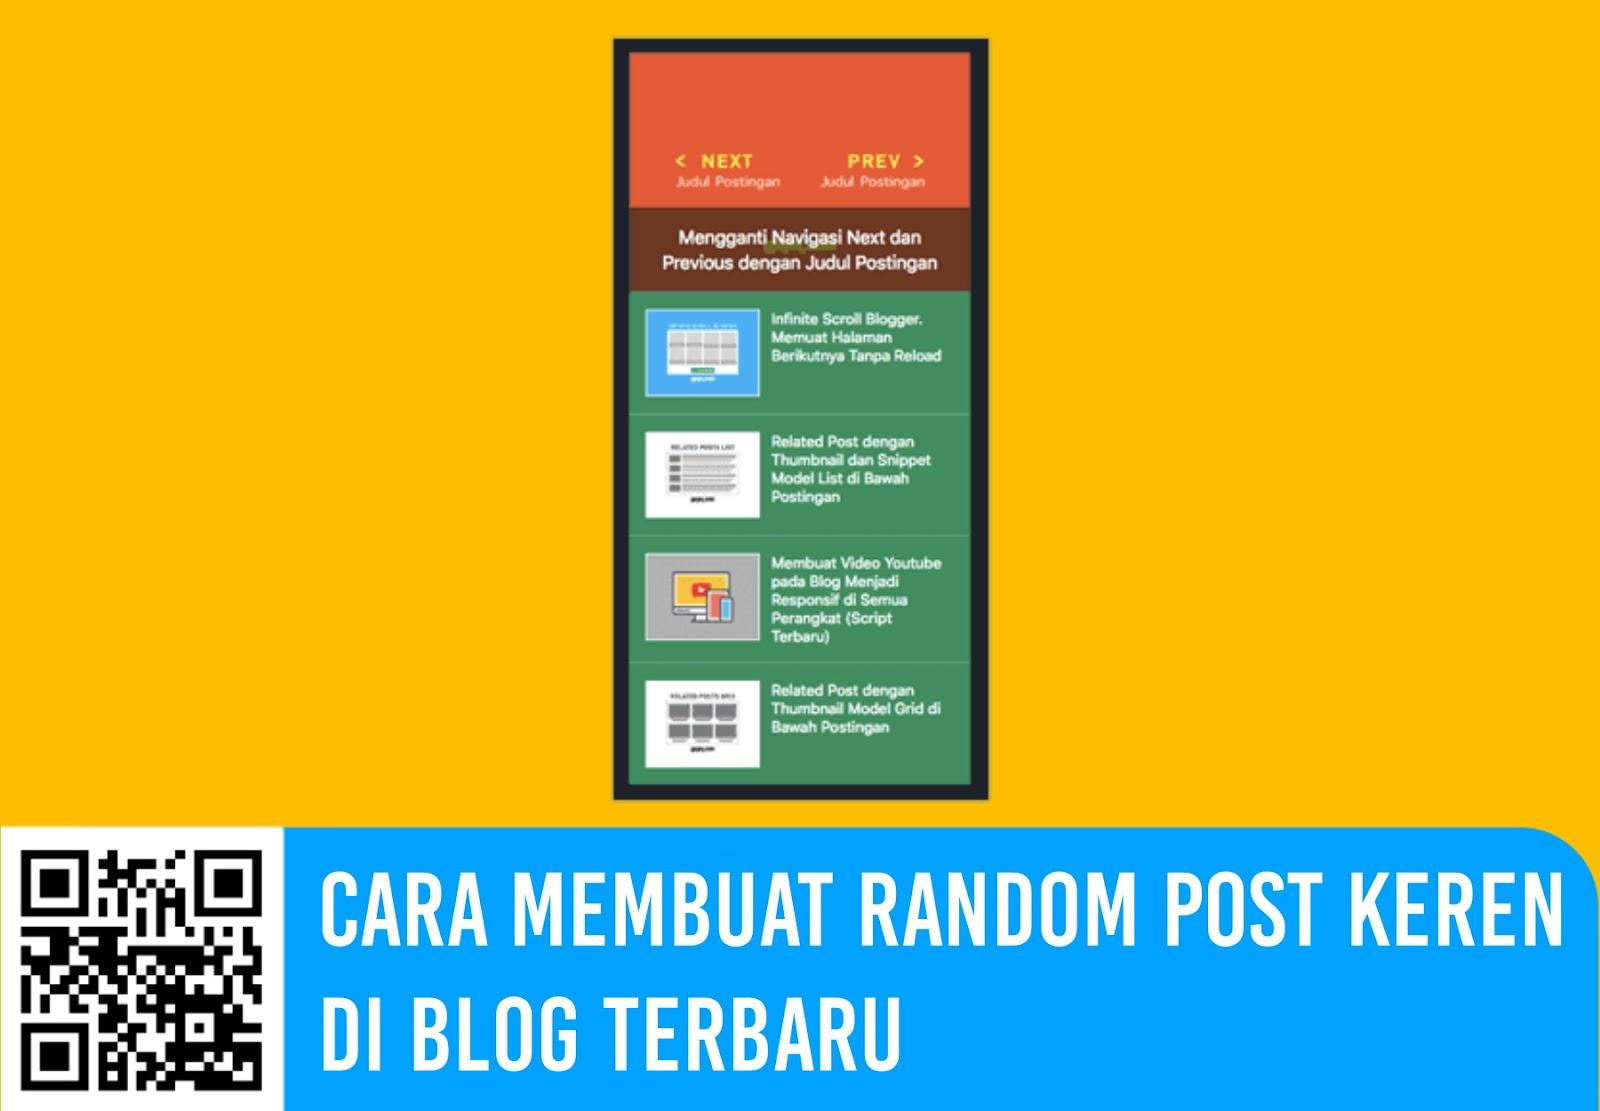 Cara Membuat Random Post Keren di Blog Terbaru